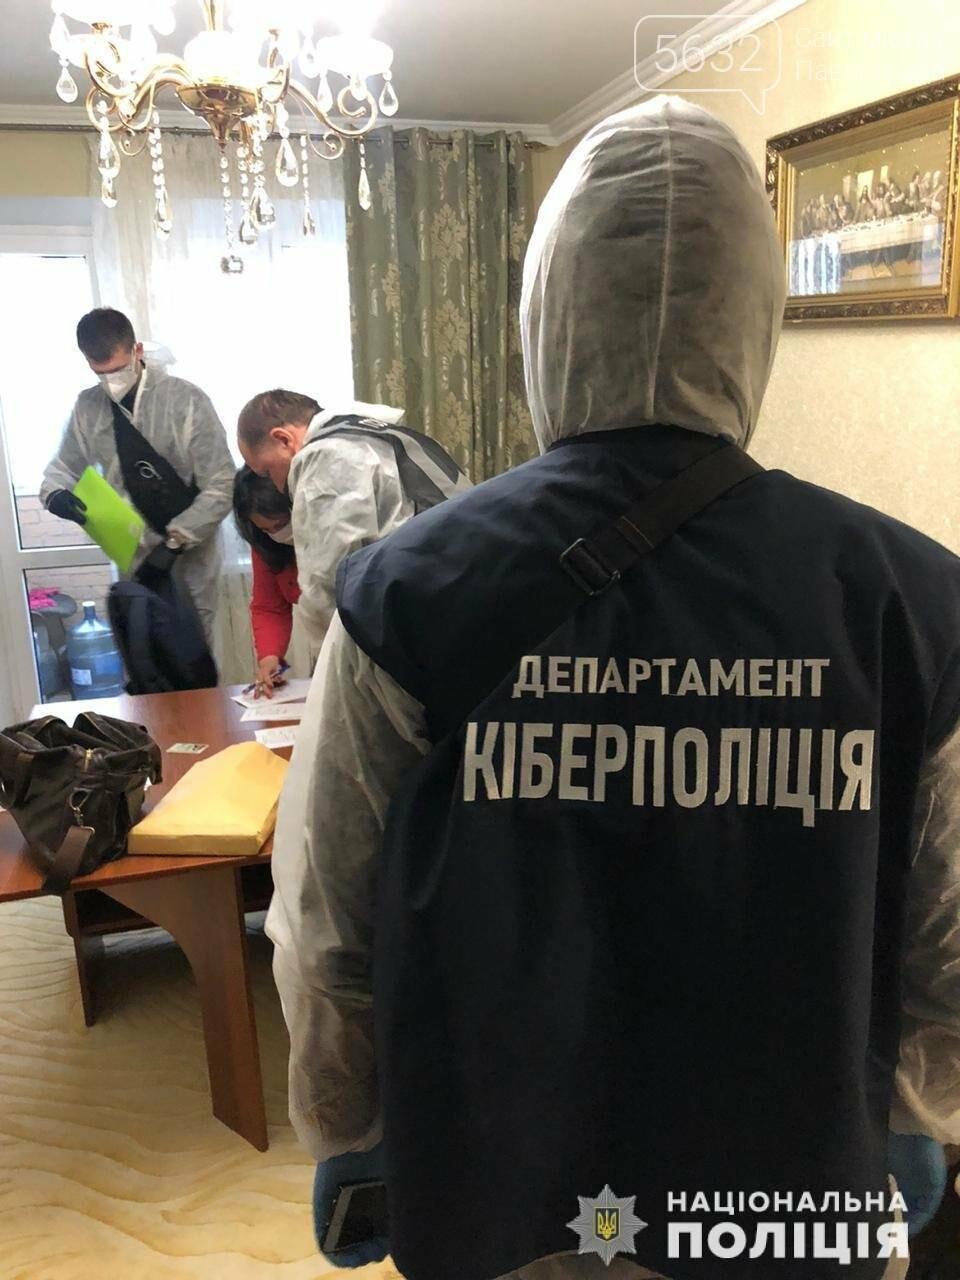 Киберполиция разоблачила сеть мошенников, которые наживались на эпидемии (ВИДЕО), фото-2